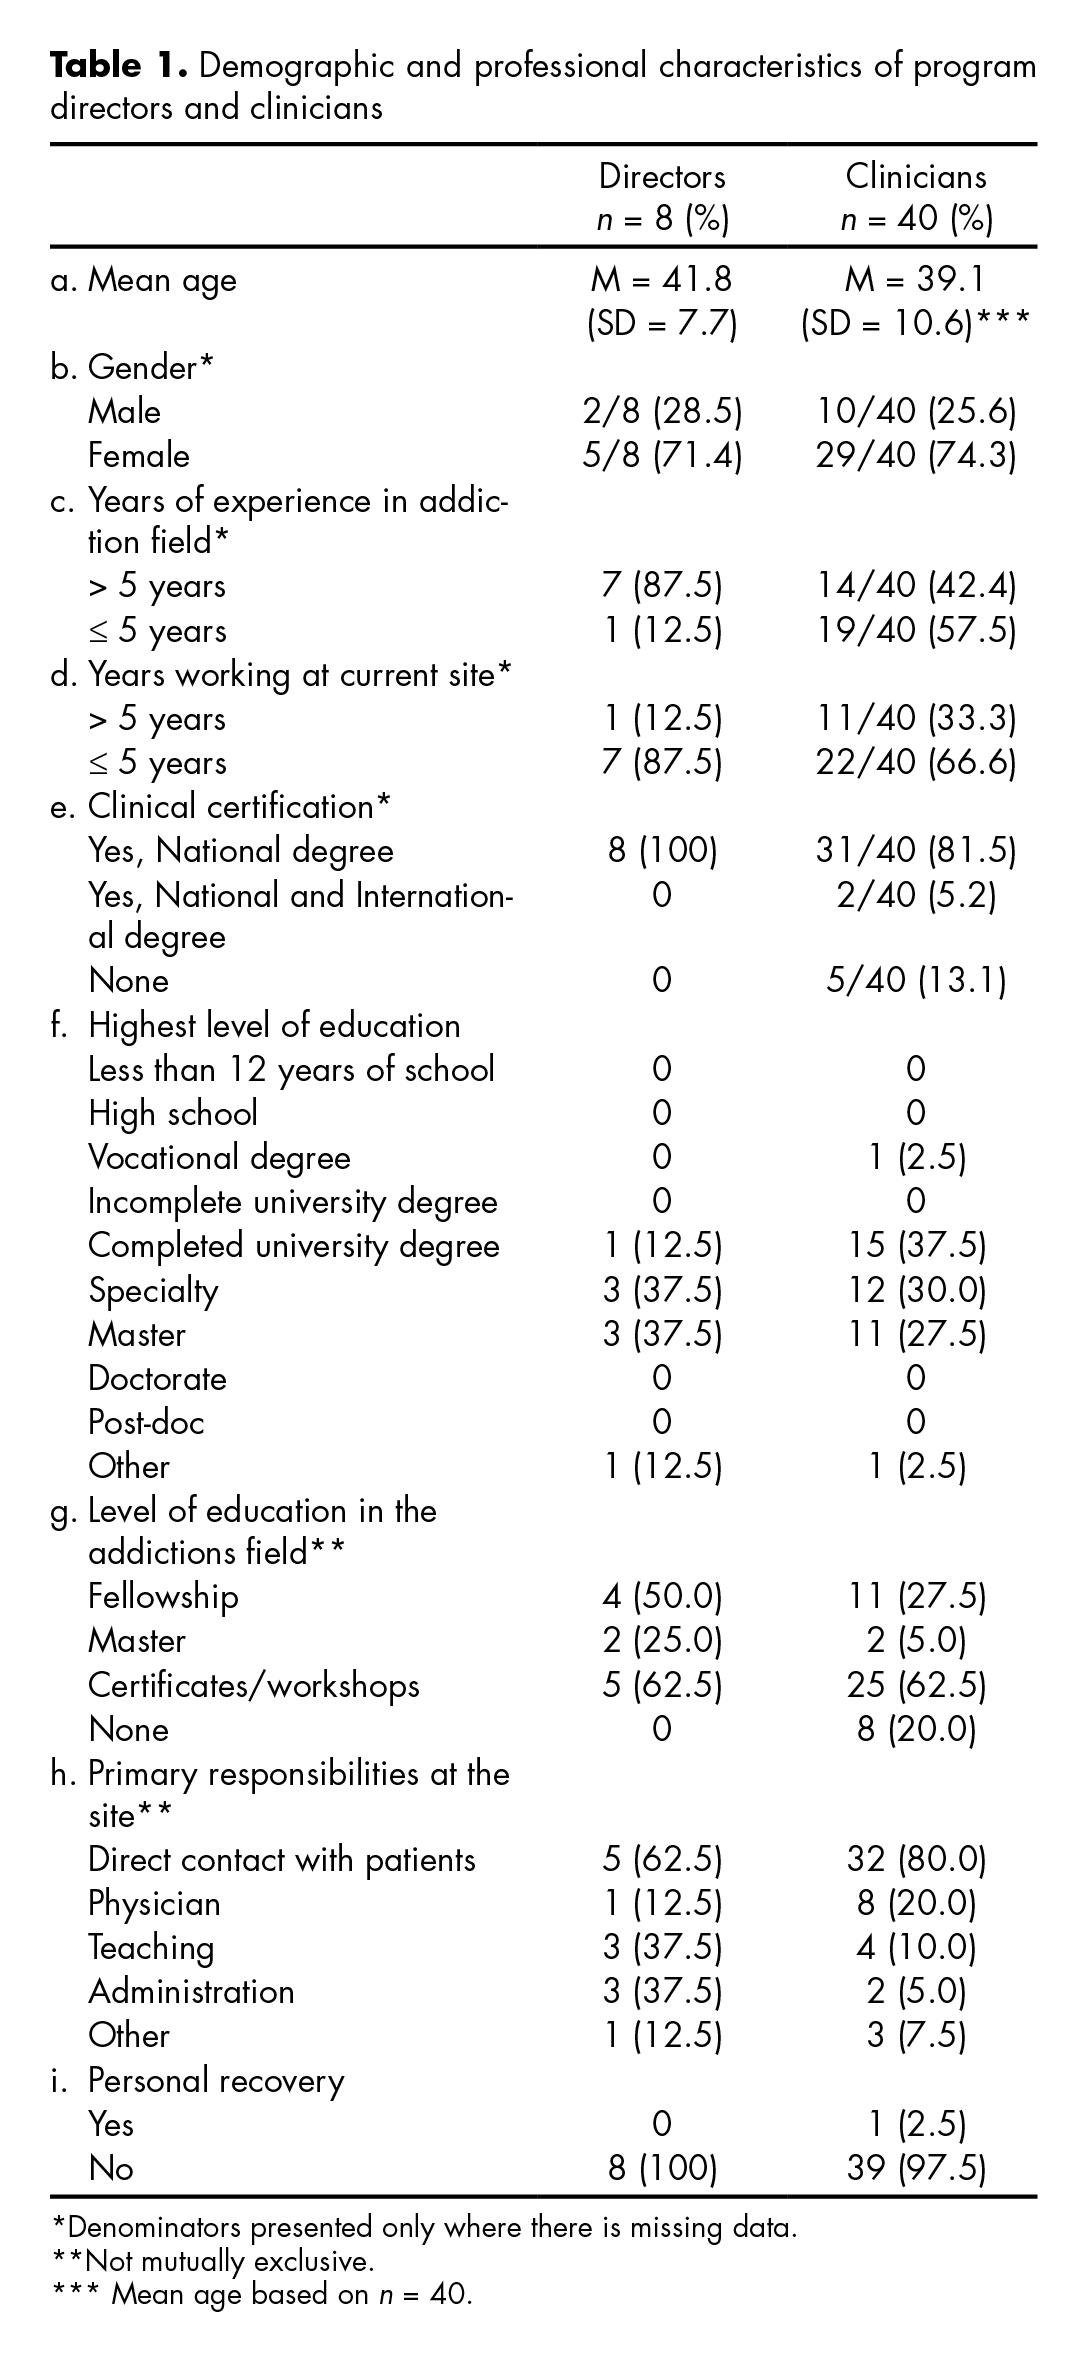 Characteristics of program directors and clinicians